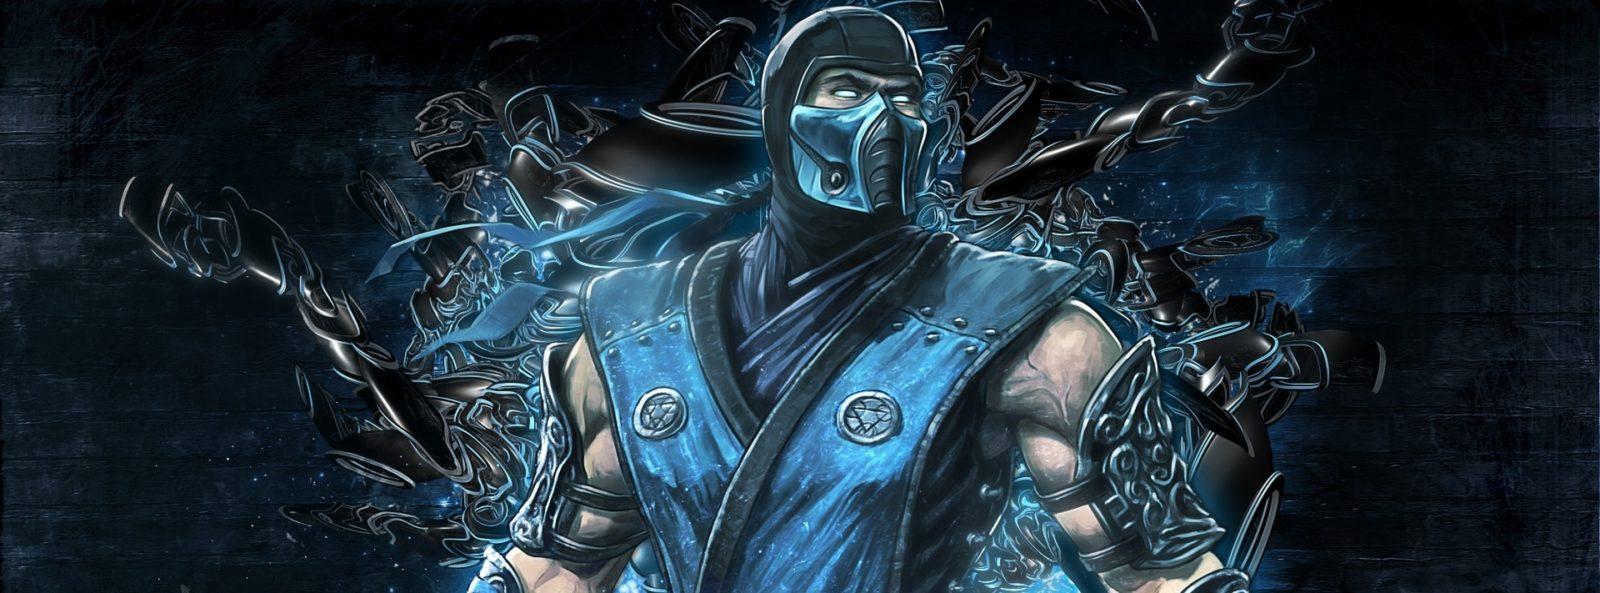 Слухи: ведется работа над новым мультфильмом по Mortal Kombat